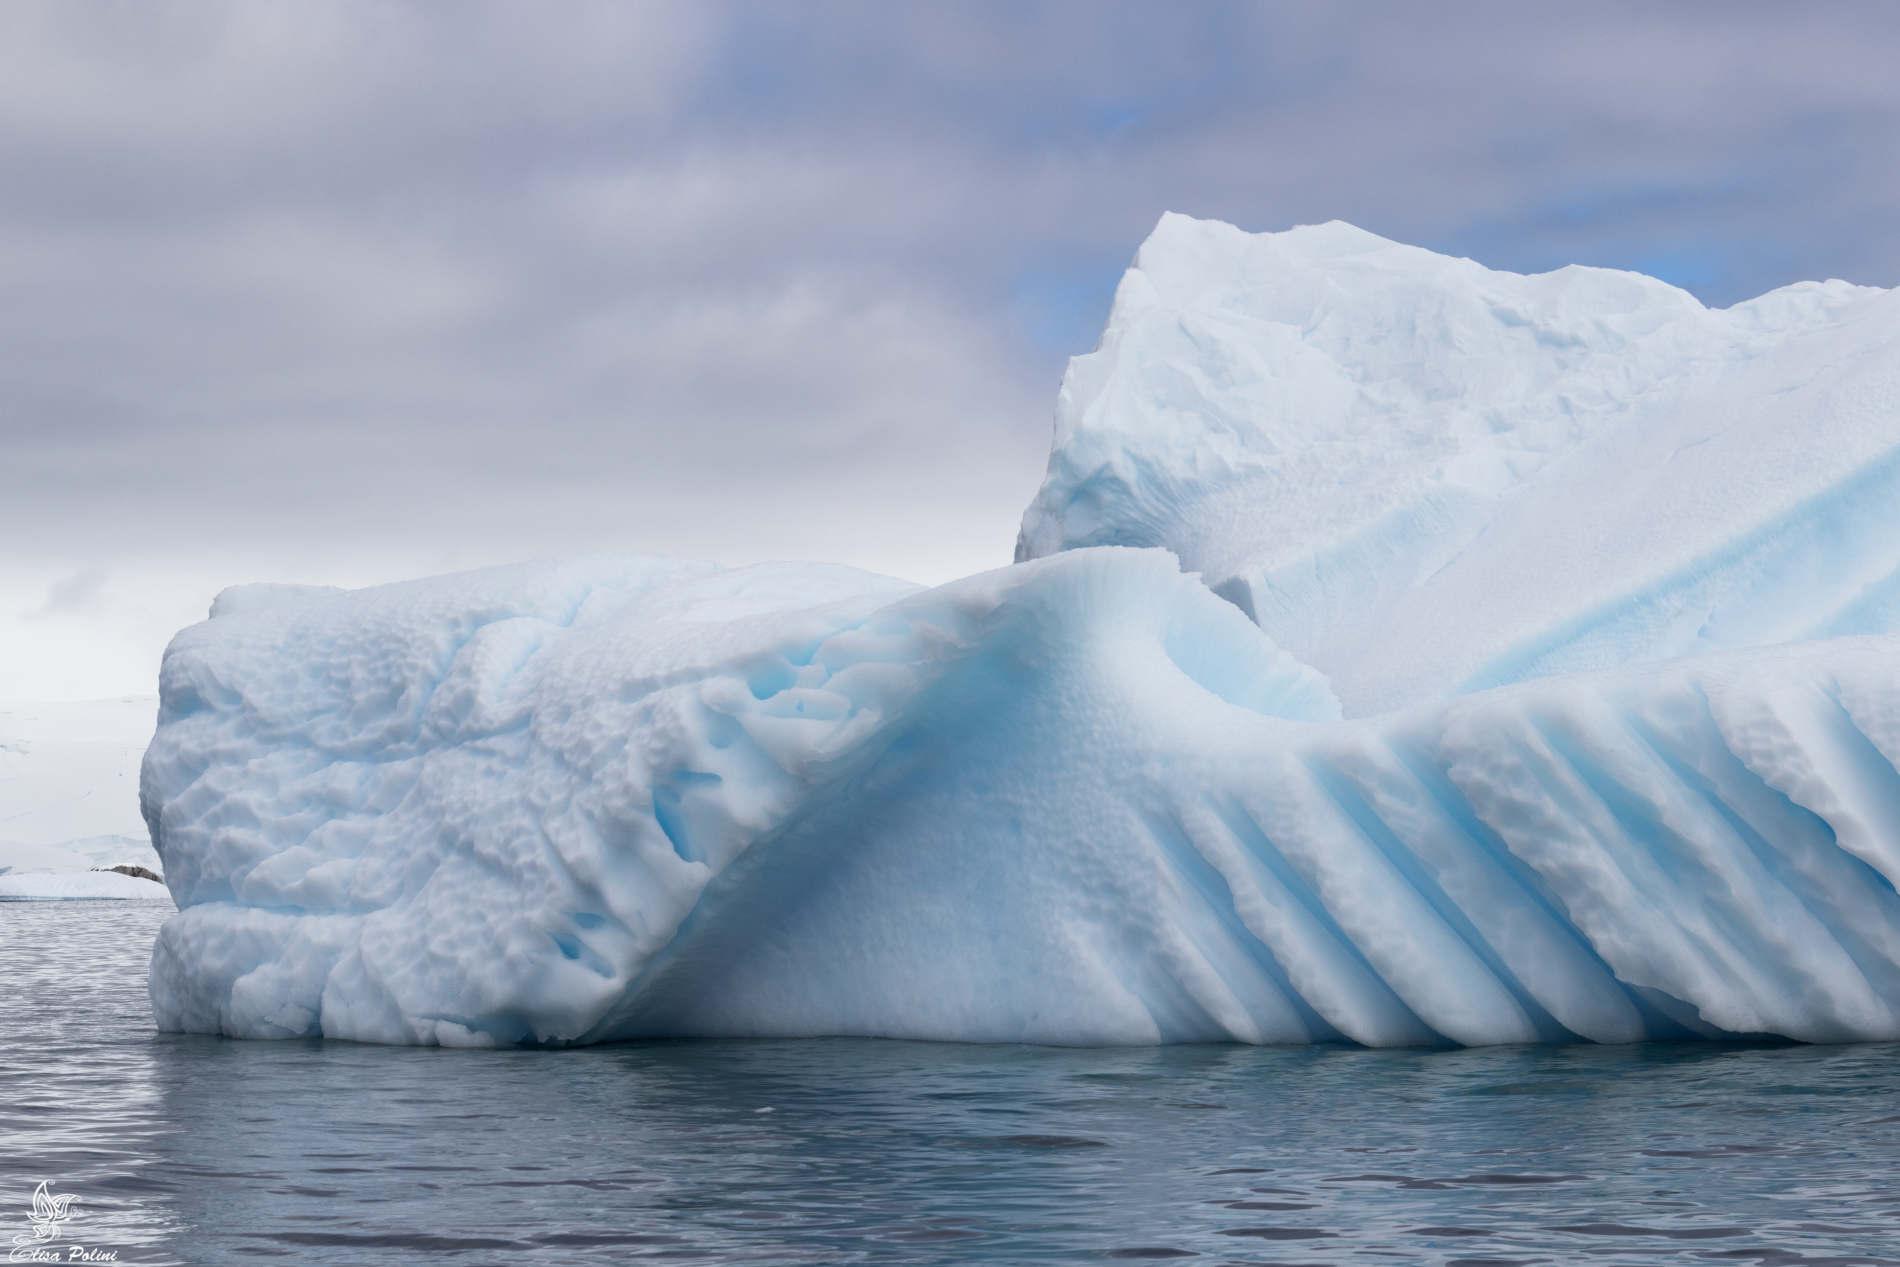 Iceberg contenenti polari -Intervista con Elisa Polini su spunti di Viaggio